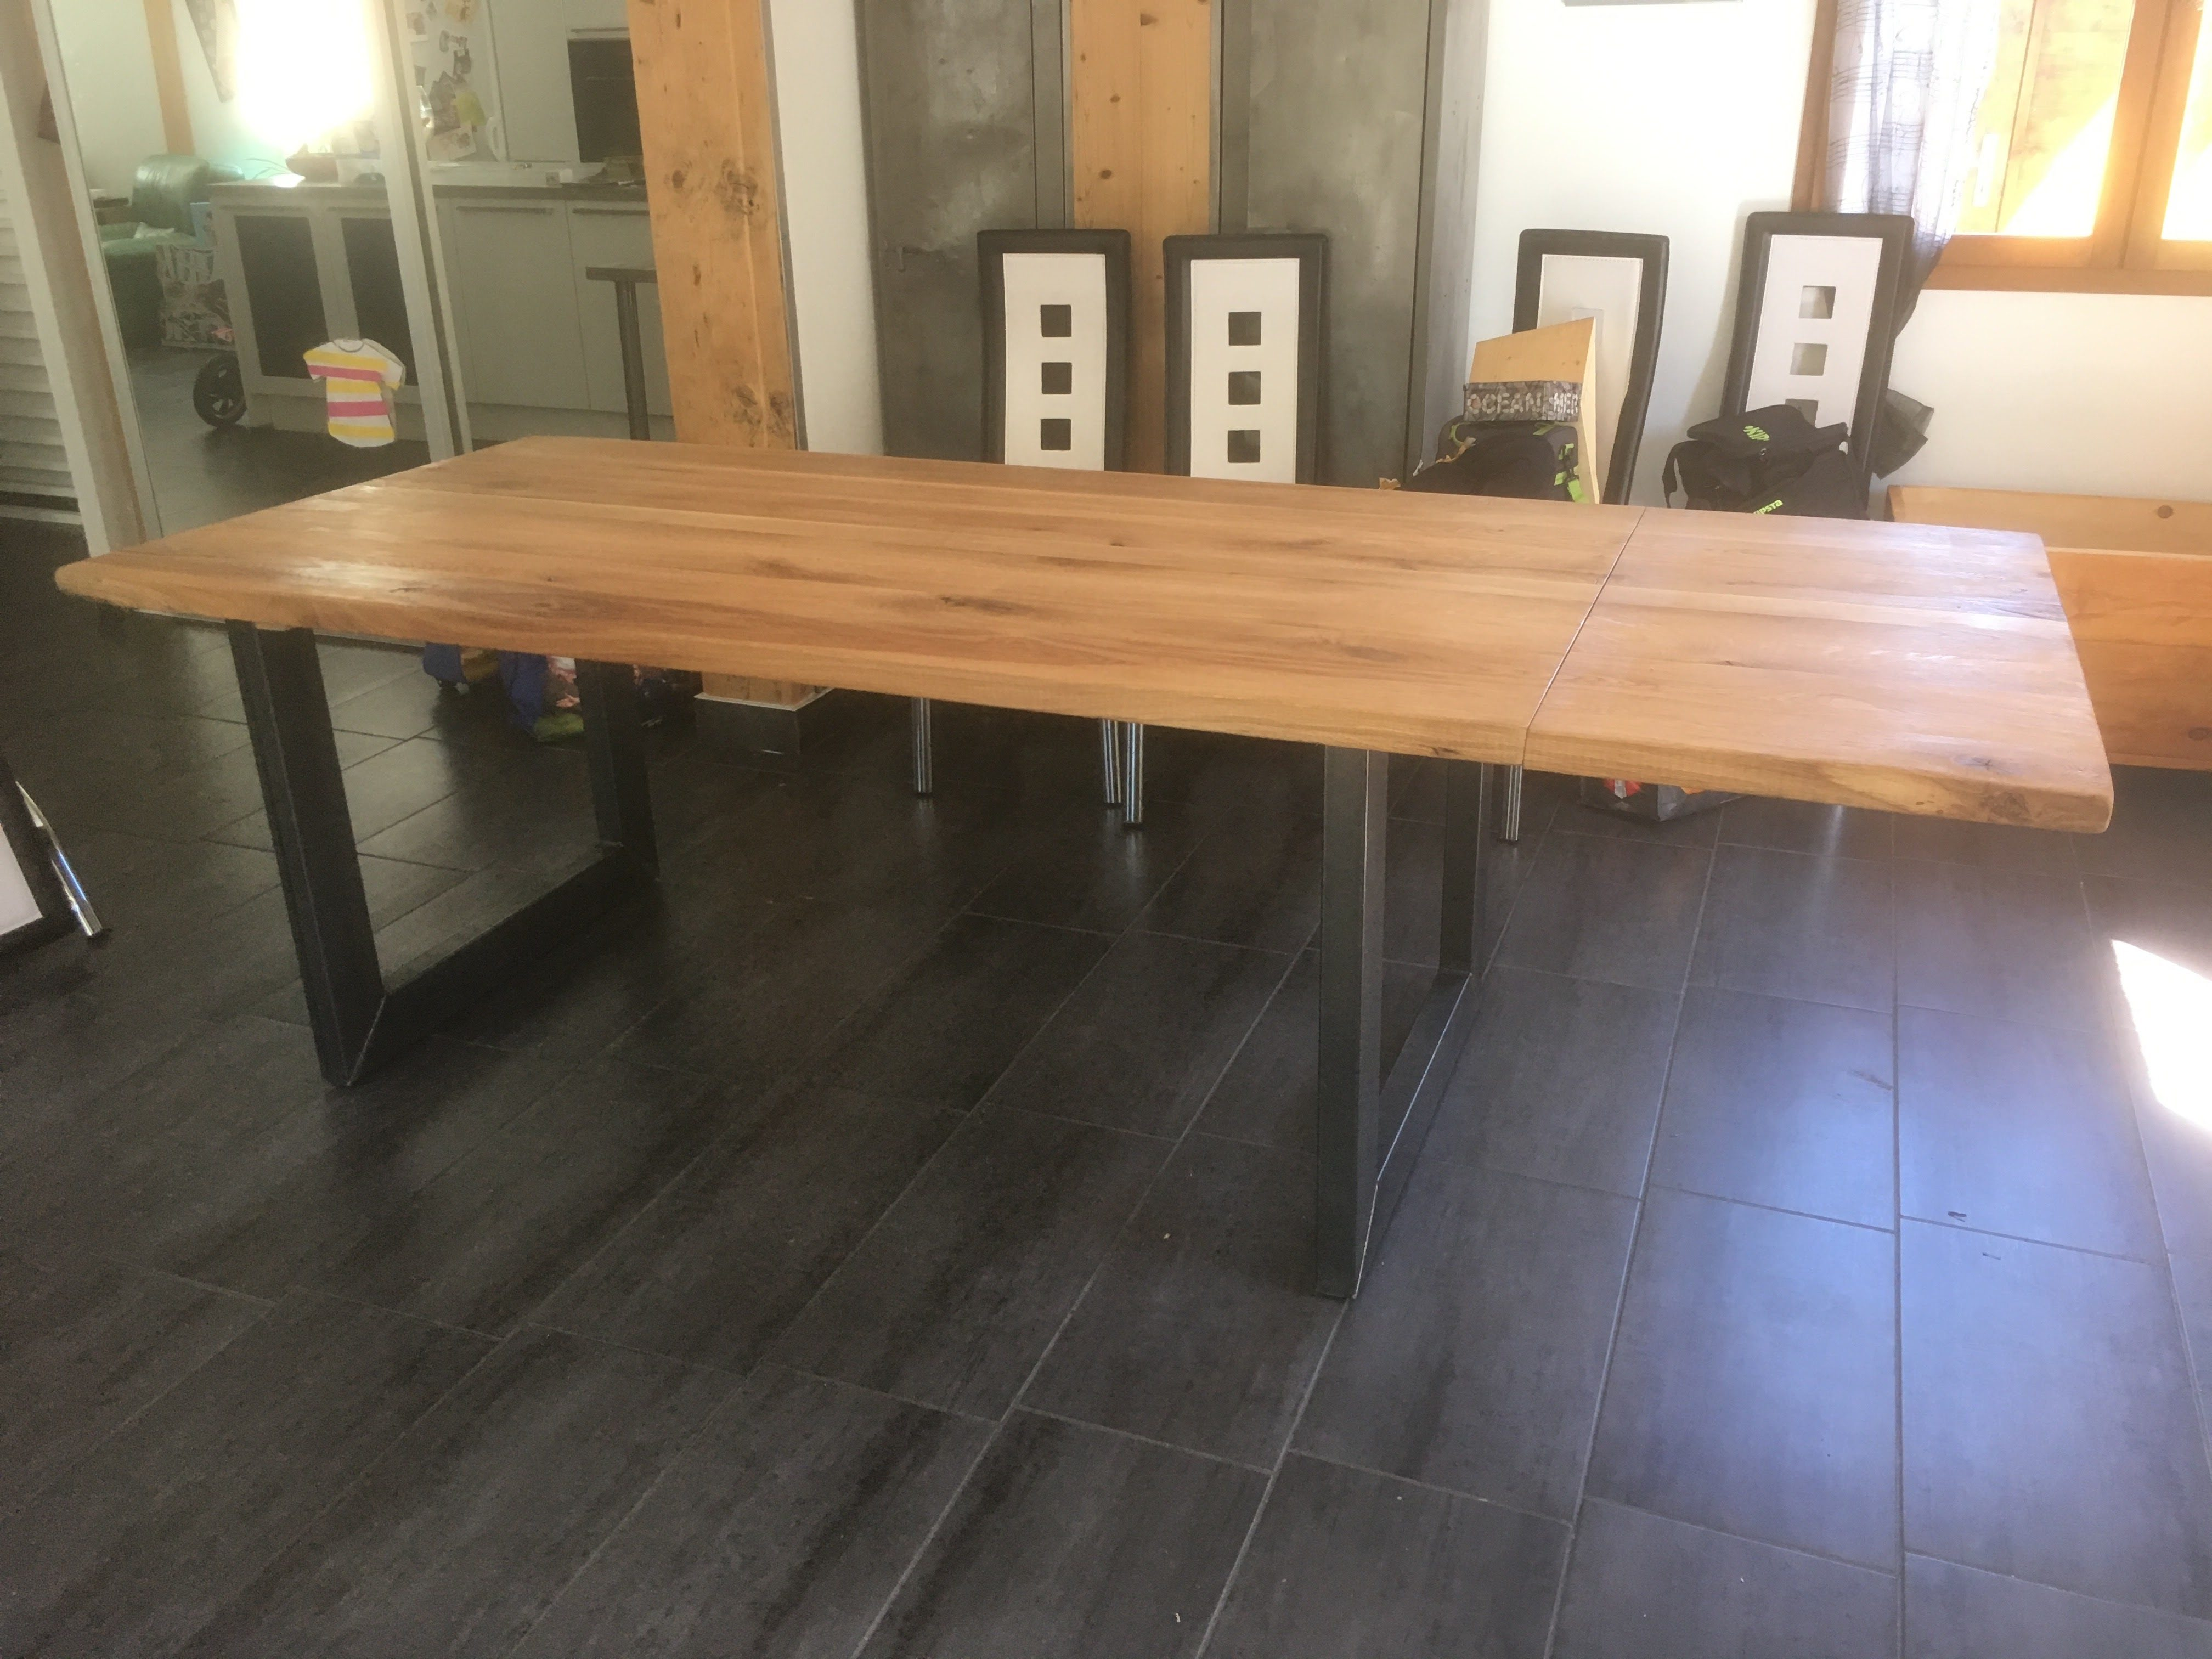 Systeme De Rallonge Pour Table En Bois Creation Sur Mesure